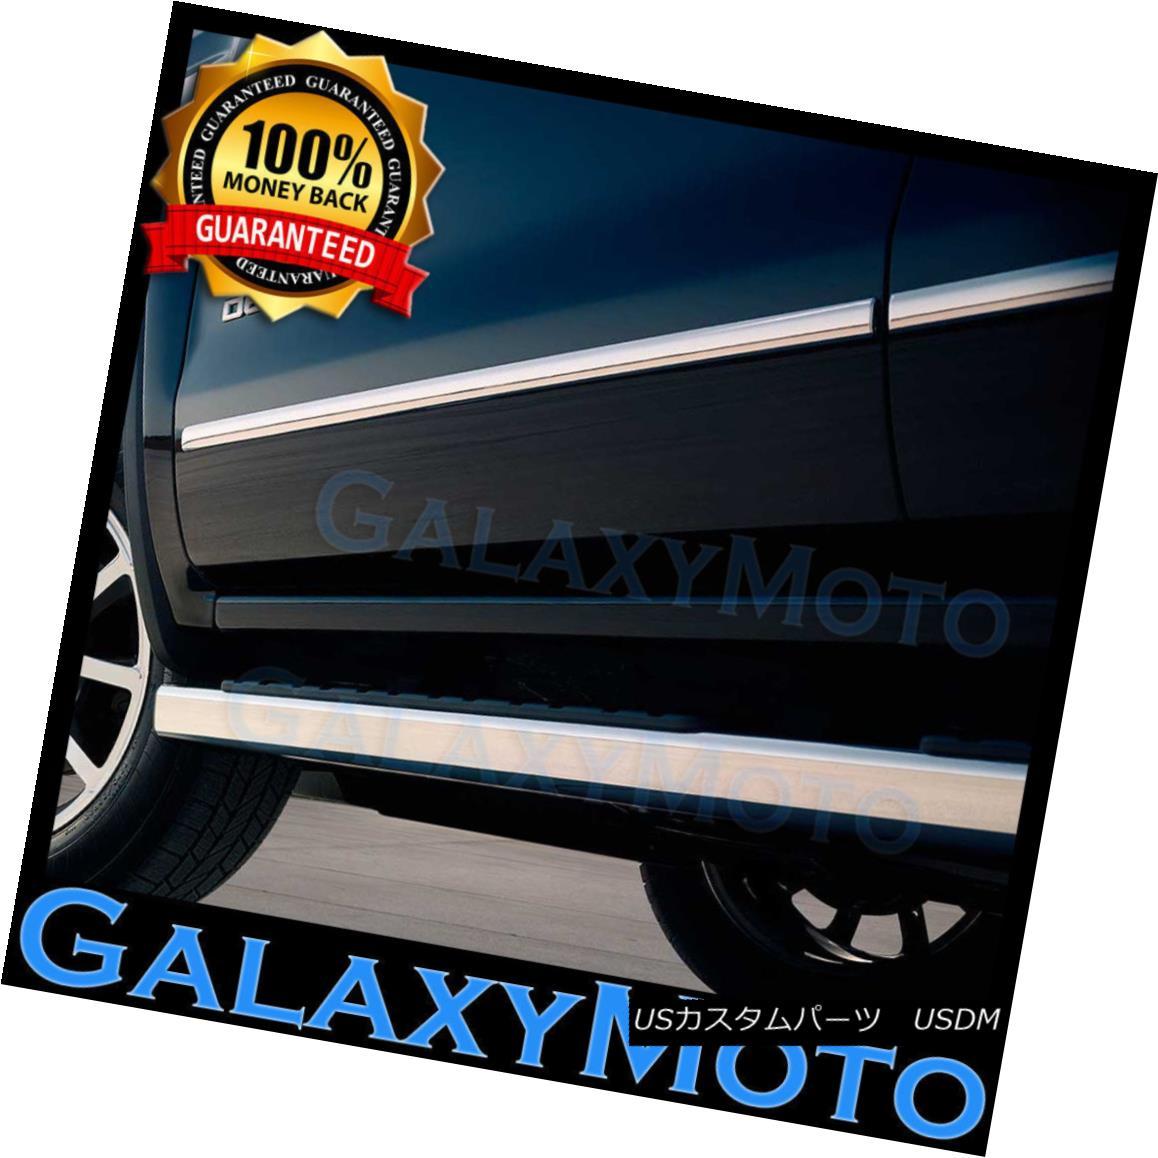 グリル 06-08 Dodge RAM 1500 Crew Cab 4 Door Chrome Body Side Molding Front+Rear 4pcs 06-08ドッジRAM 1500クルーキャブ4ドアクロームボディサイドモールディングフロント+リア4本